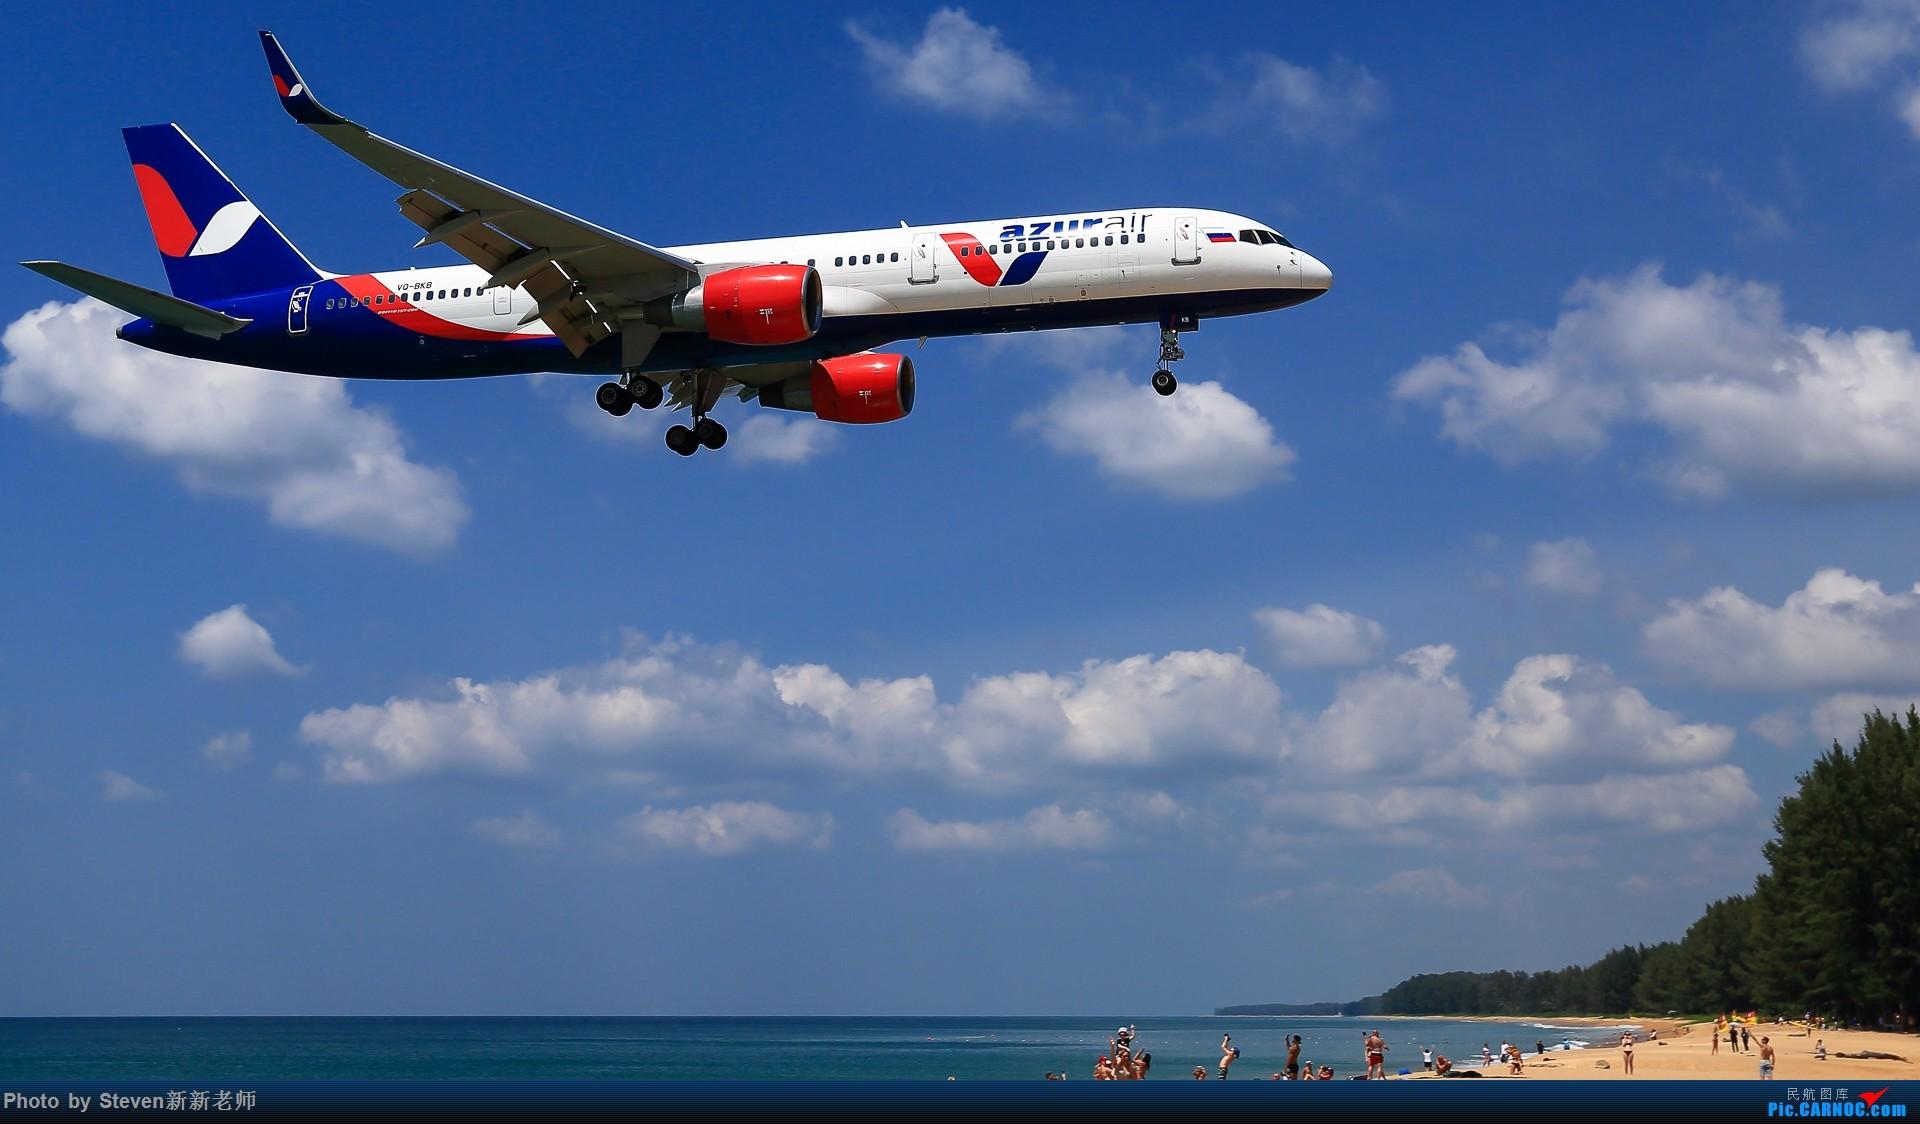 """Re:[原创]亚洲""""圣马丁岛""""—普吉国际机场拍机 BOEING 757-200 VQ-BKB 泰国普吉机场"""